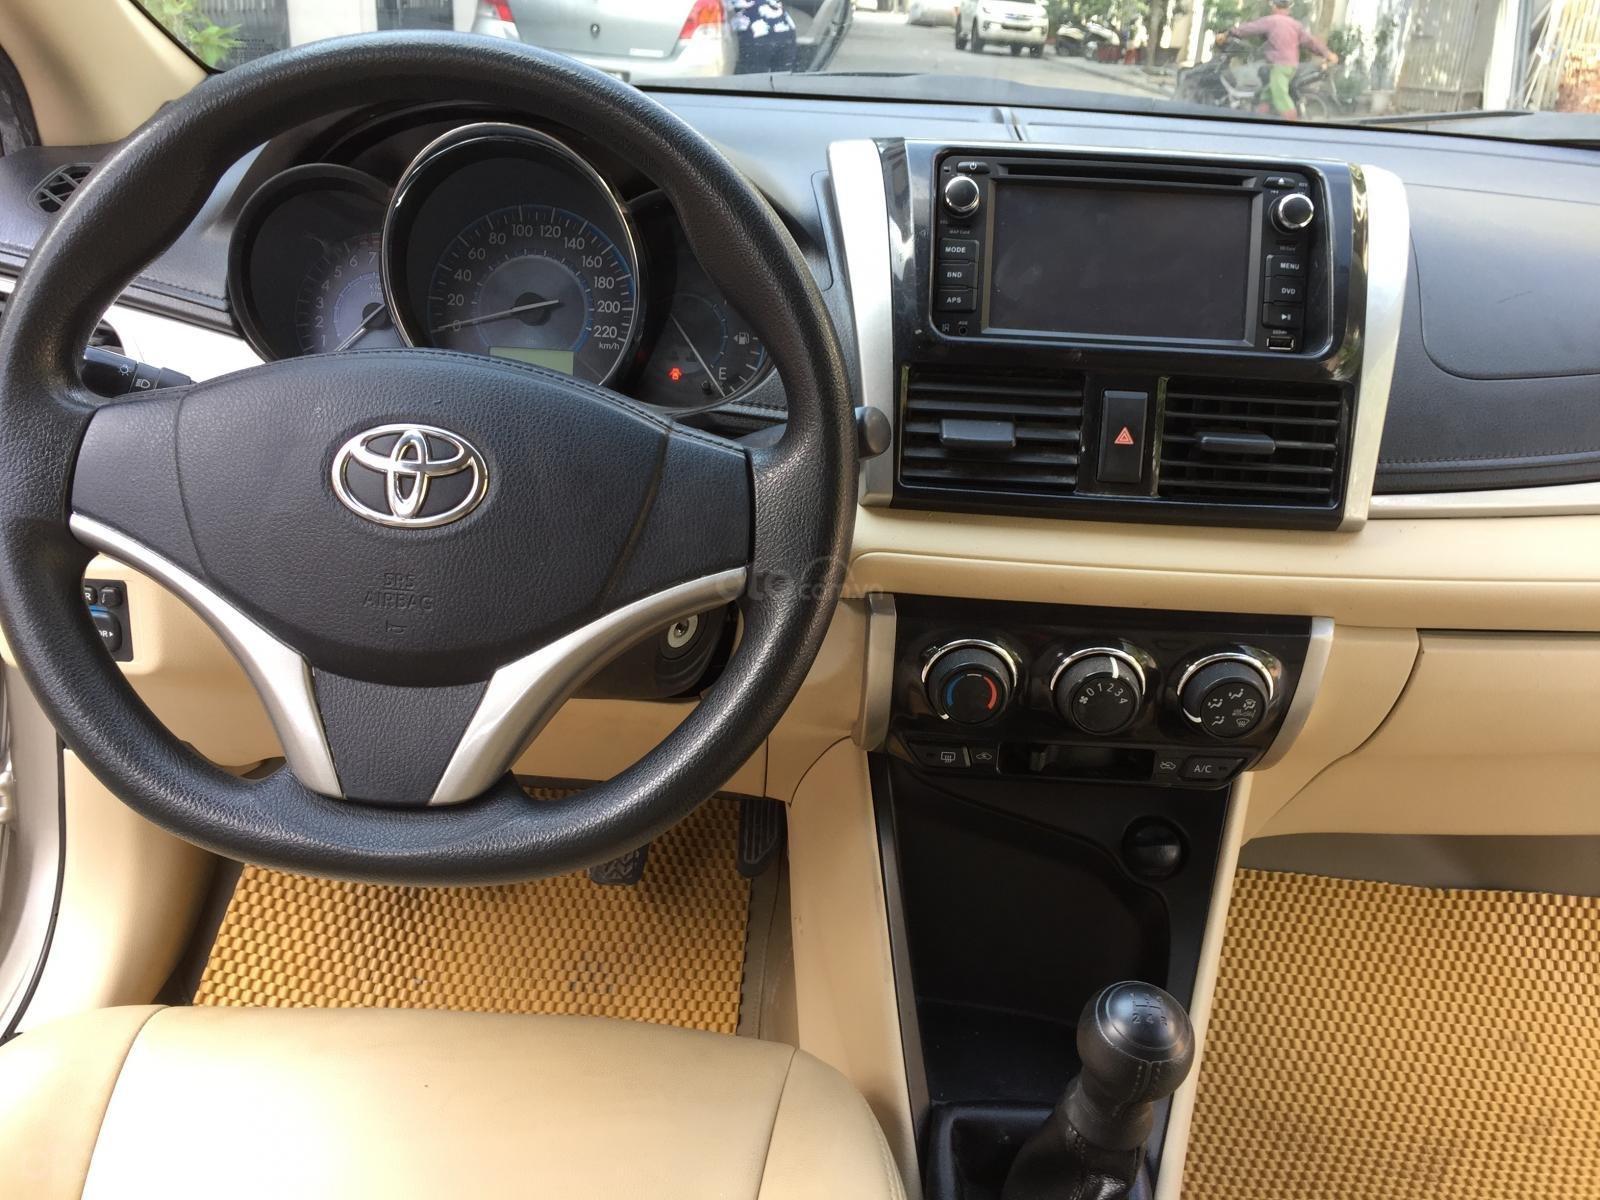 Chính chủ tôi cần bán chiếc Toyota Vios E 2014, số sàn màu cát vàng, ai có nhu cầu LH 0989793315 (8)